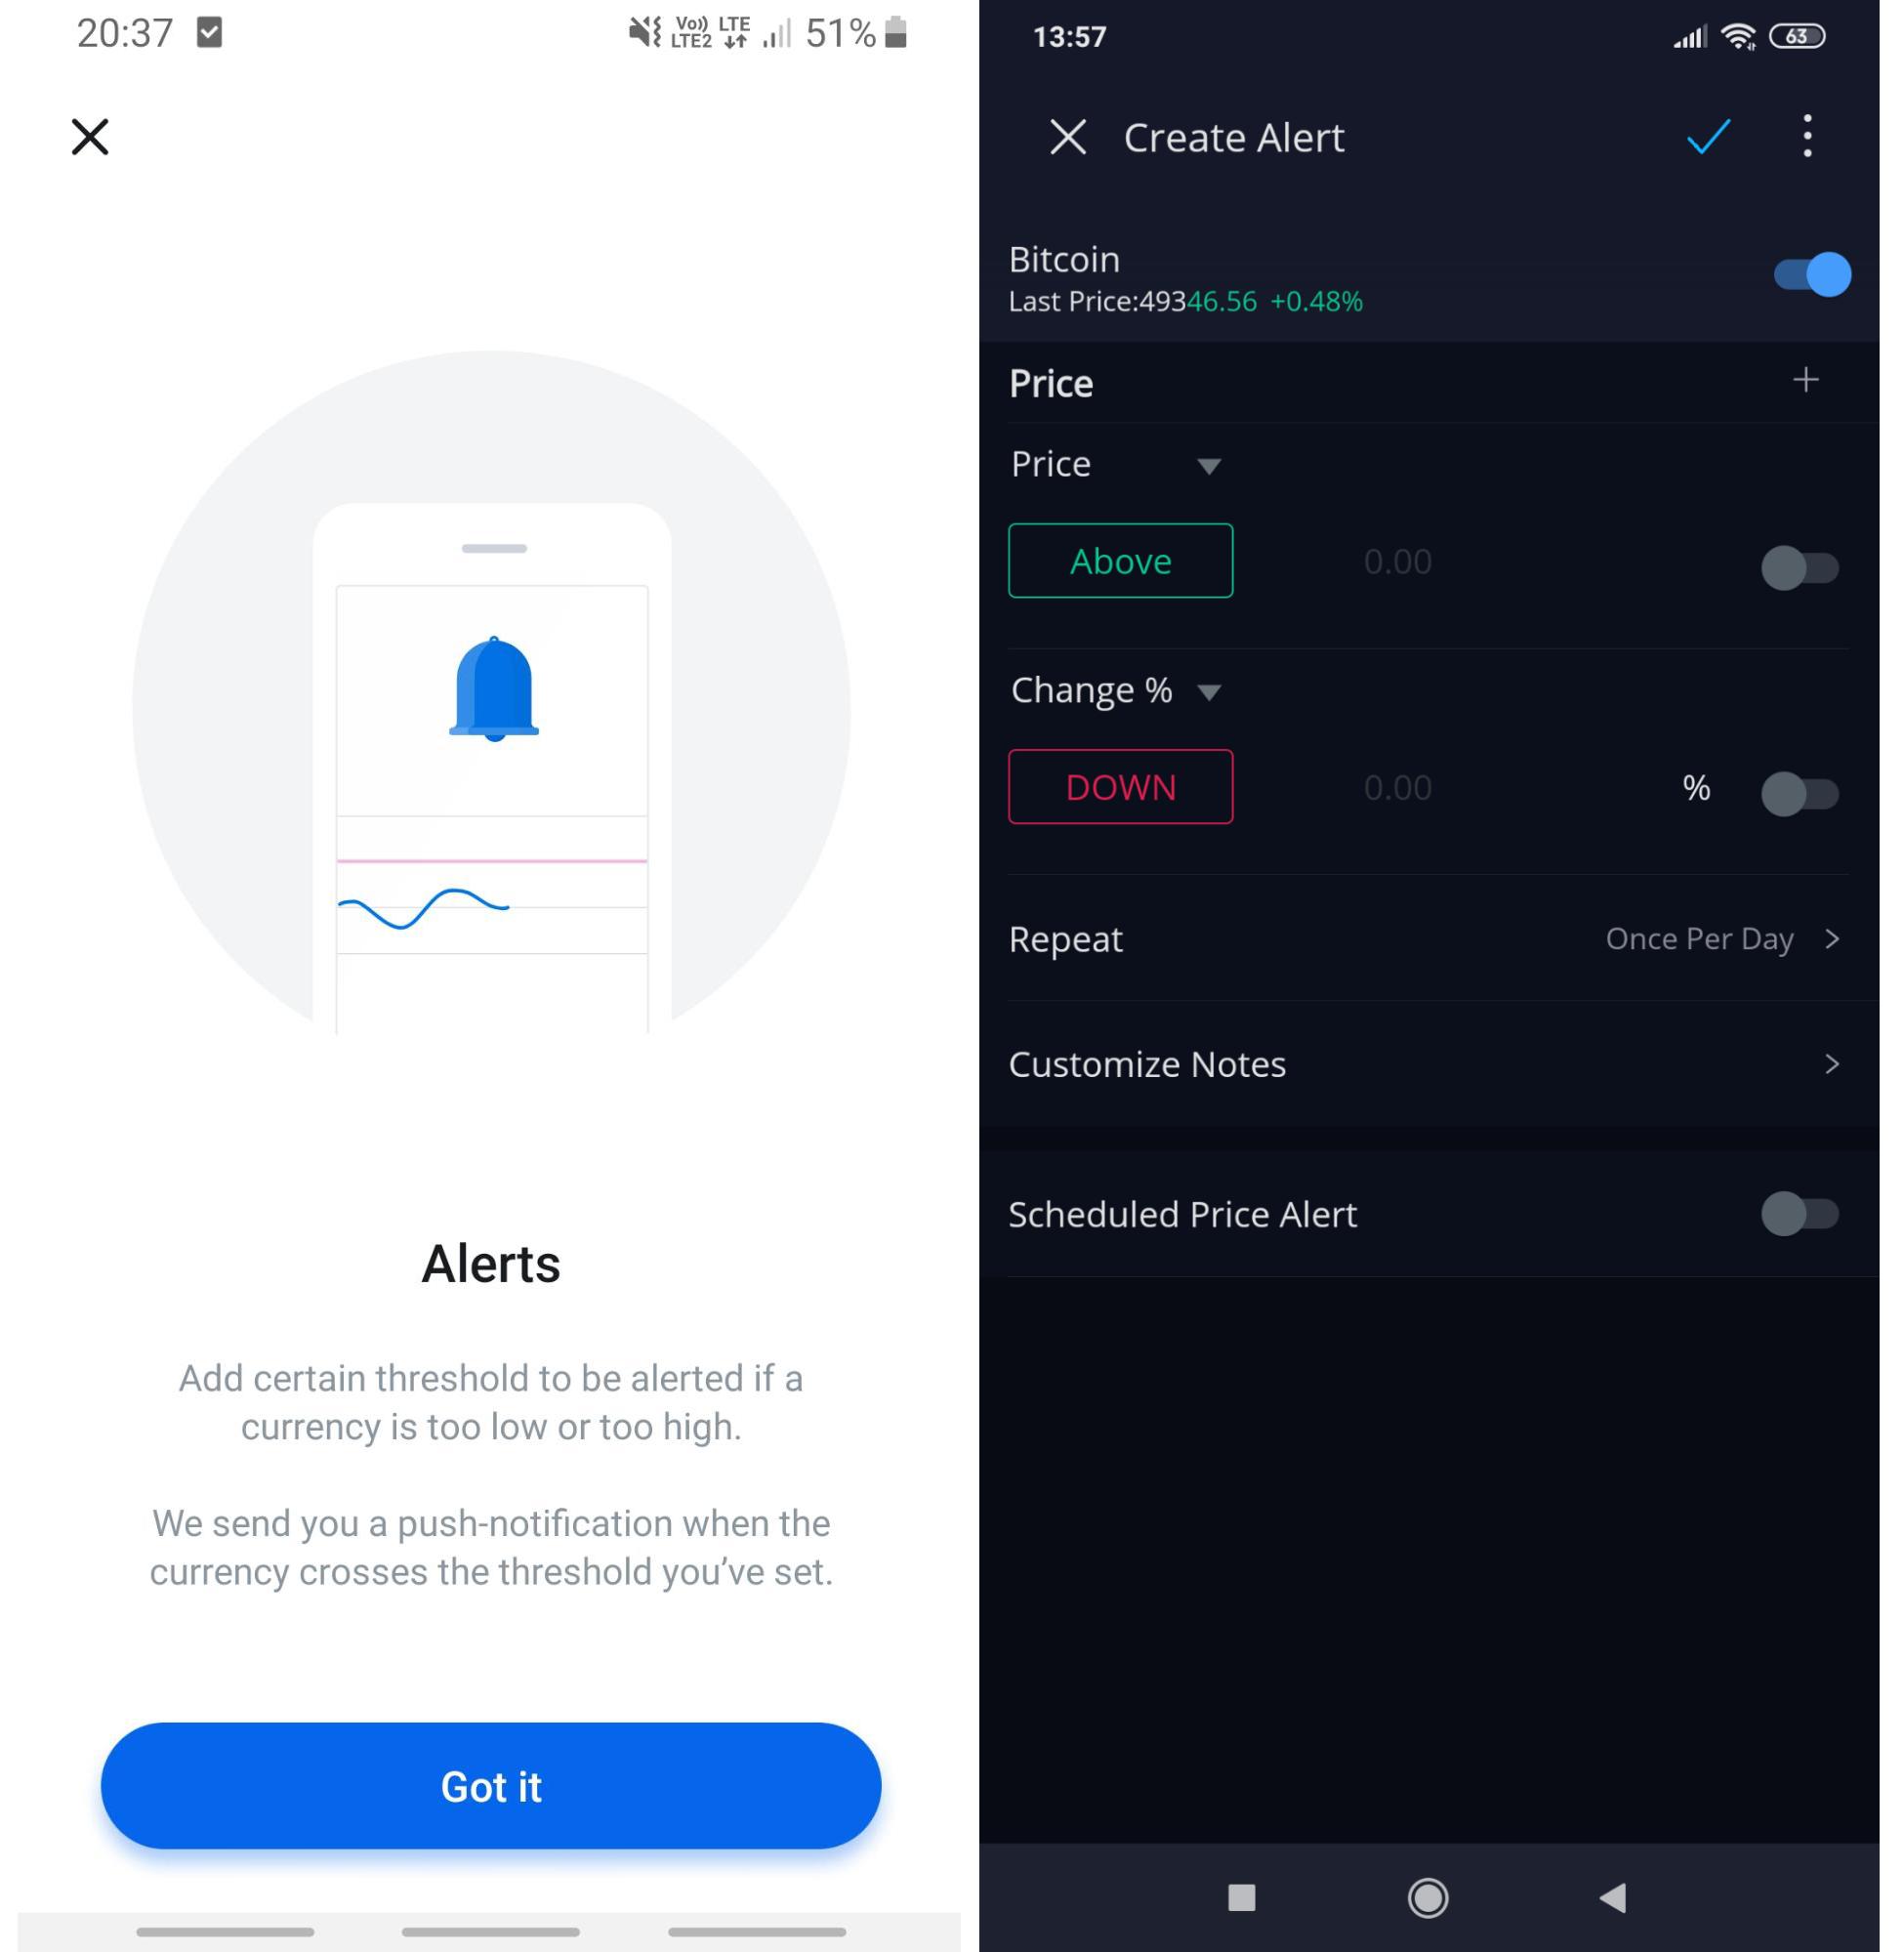 Alert setting screen in Revolut app and Webull app